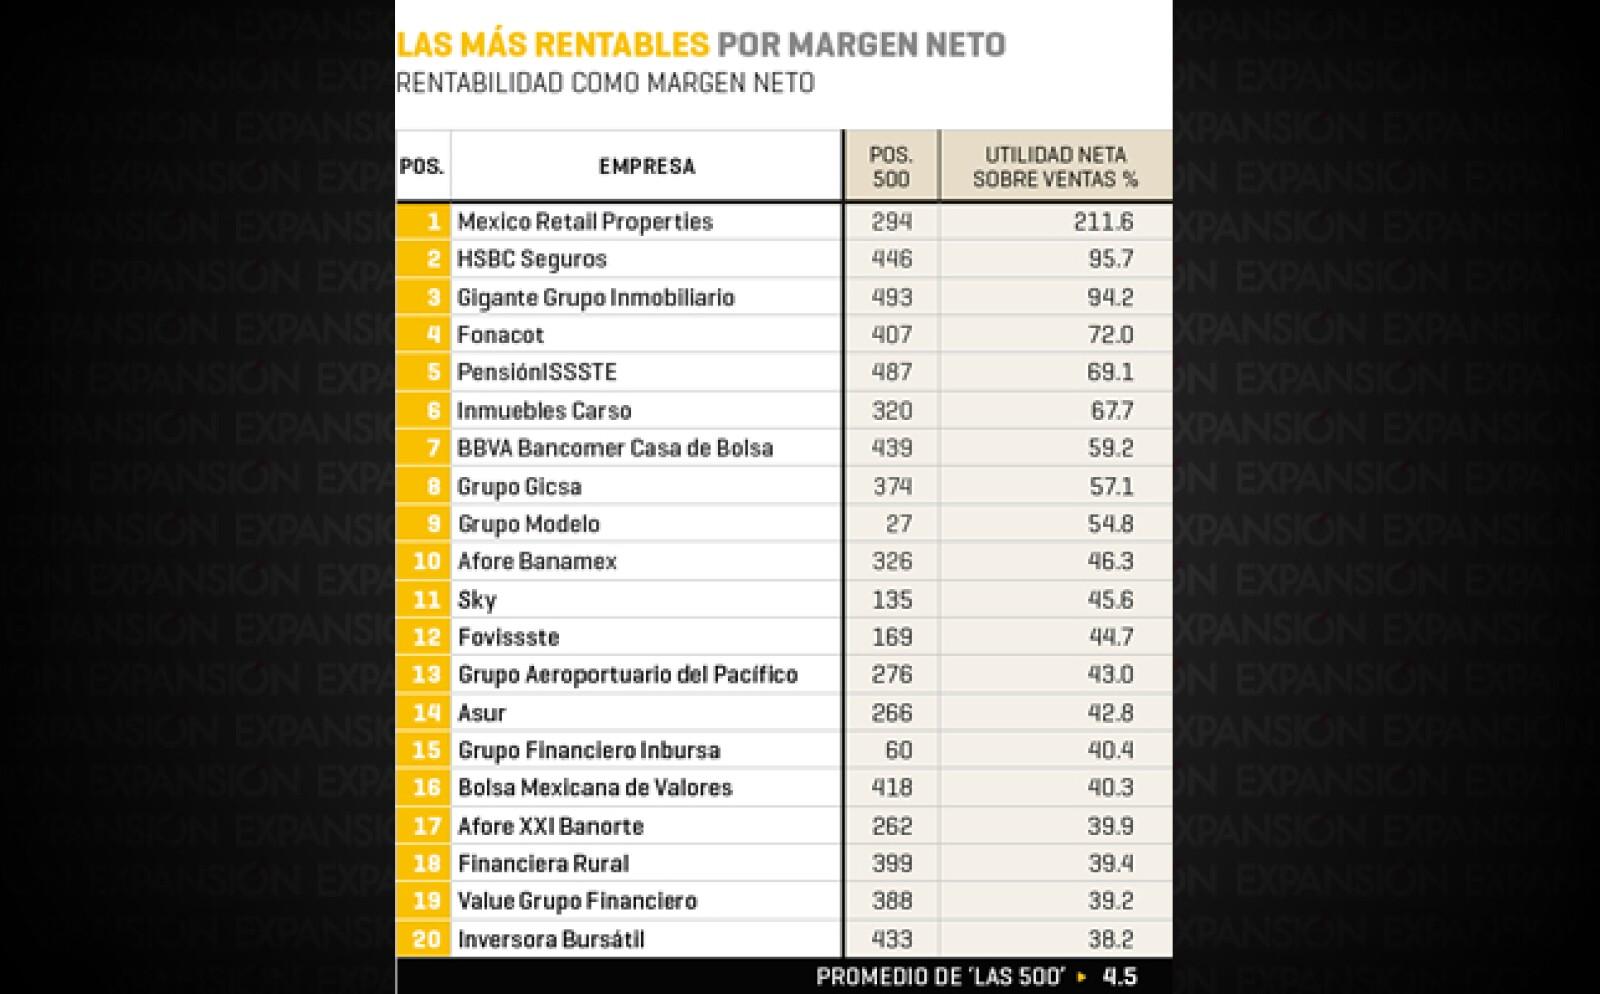 Mexico Retail Properties (escaño 294 en el ranking 2014 de Las 500 de Expansión), HSBC Seguros (446), Gigante Grupo Inmobiliario (493) Inmuebles Carso y otras instituciones financieras integran el cuadro de las más rentables por margen neto.